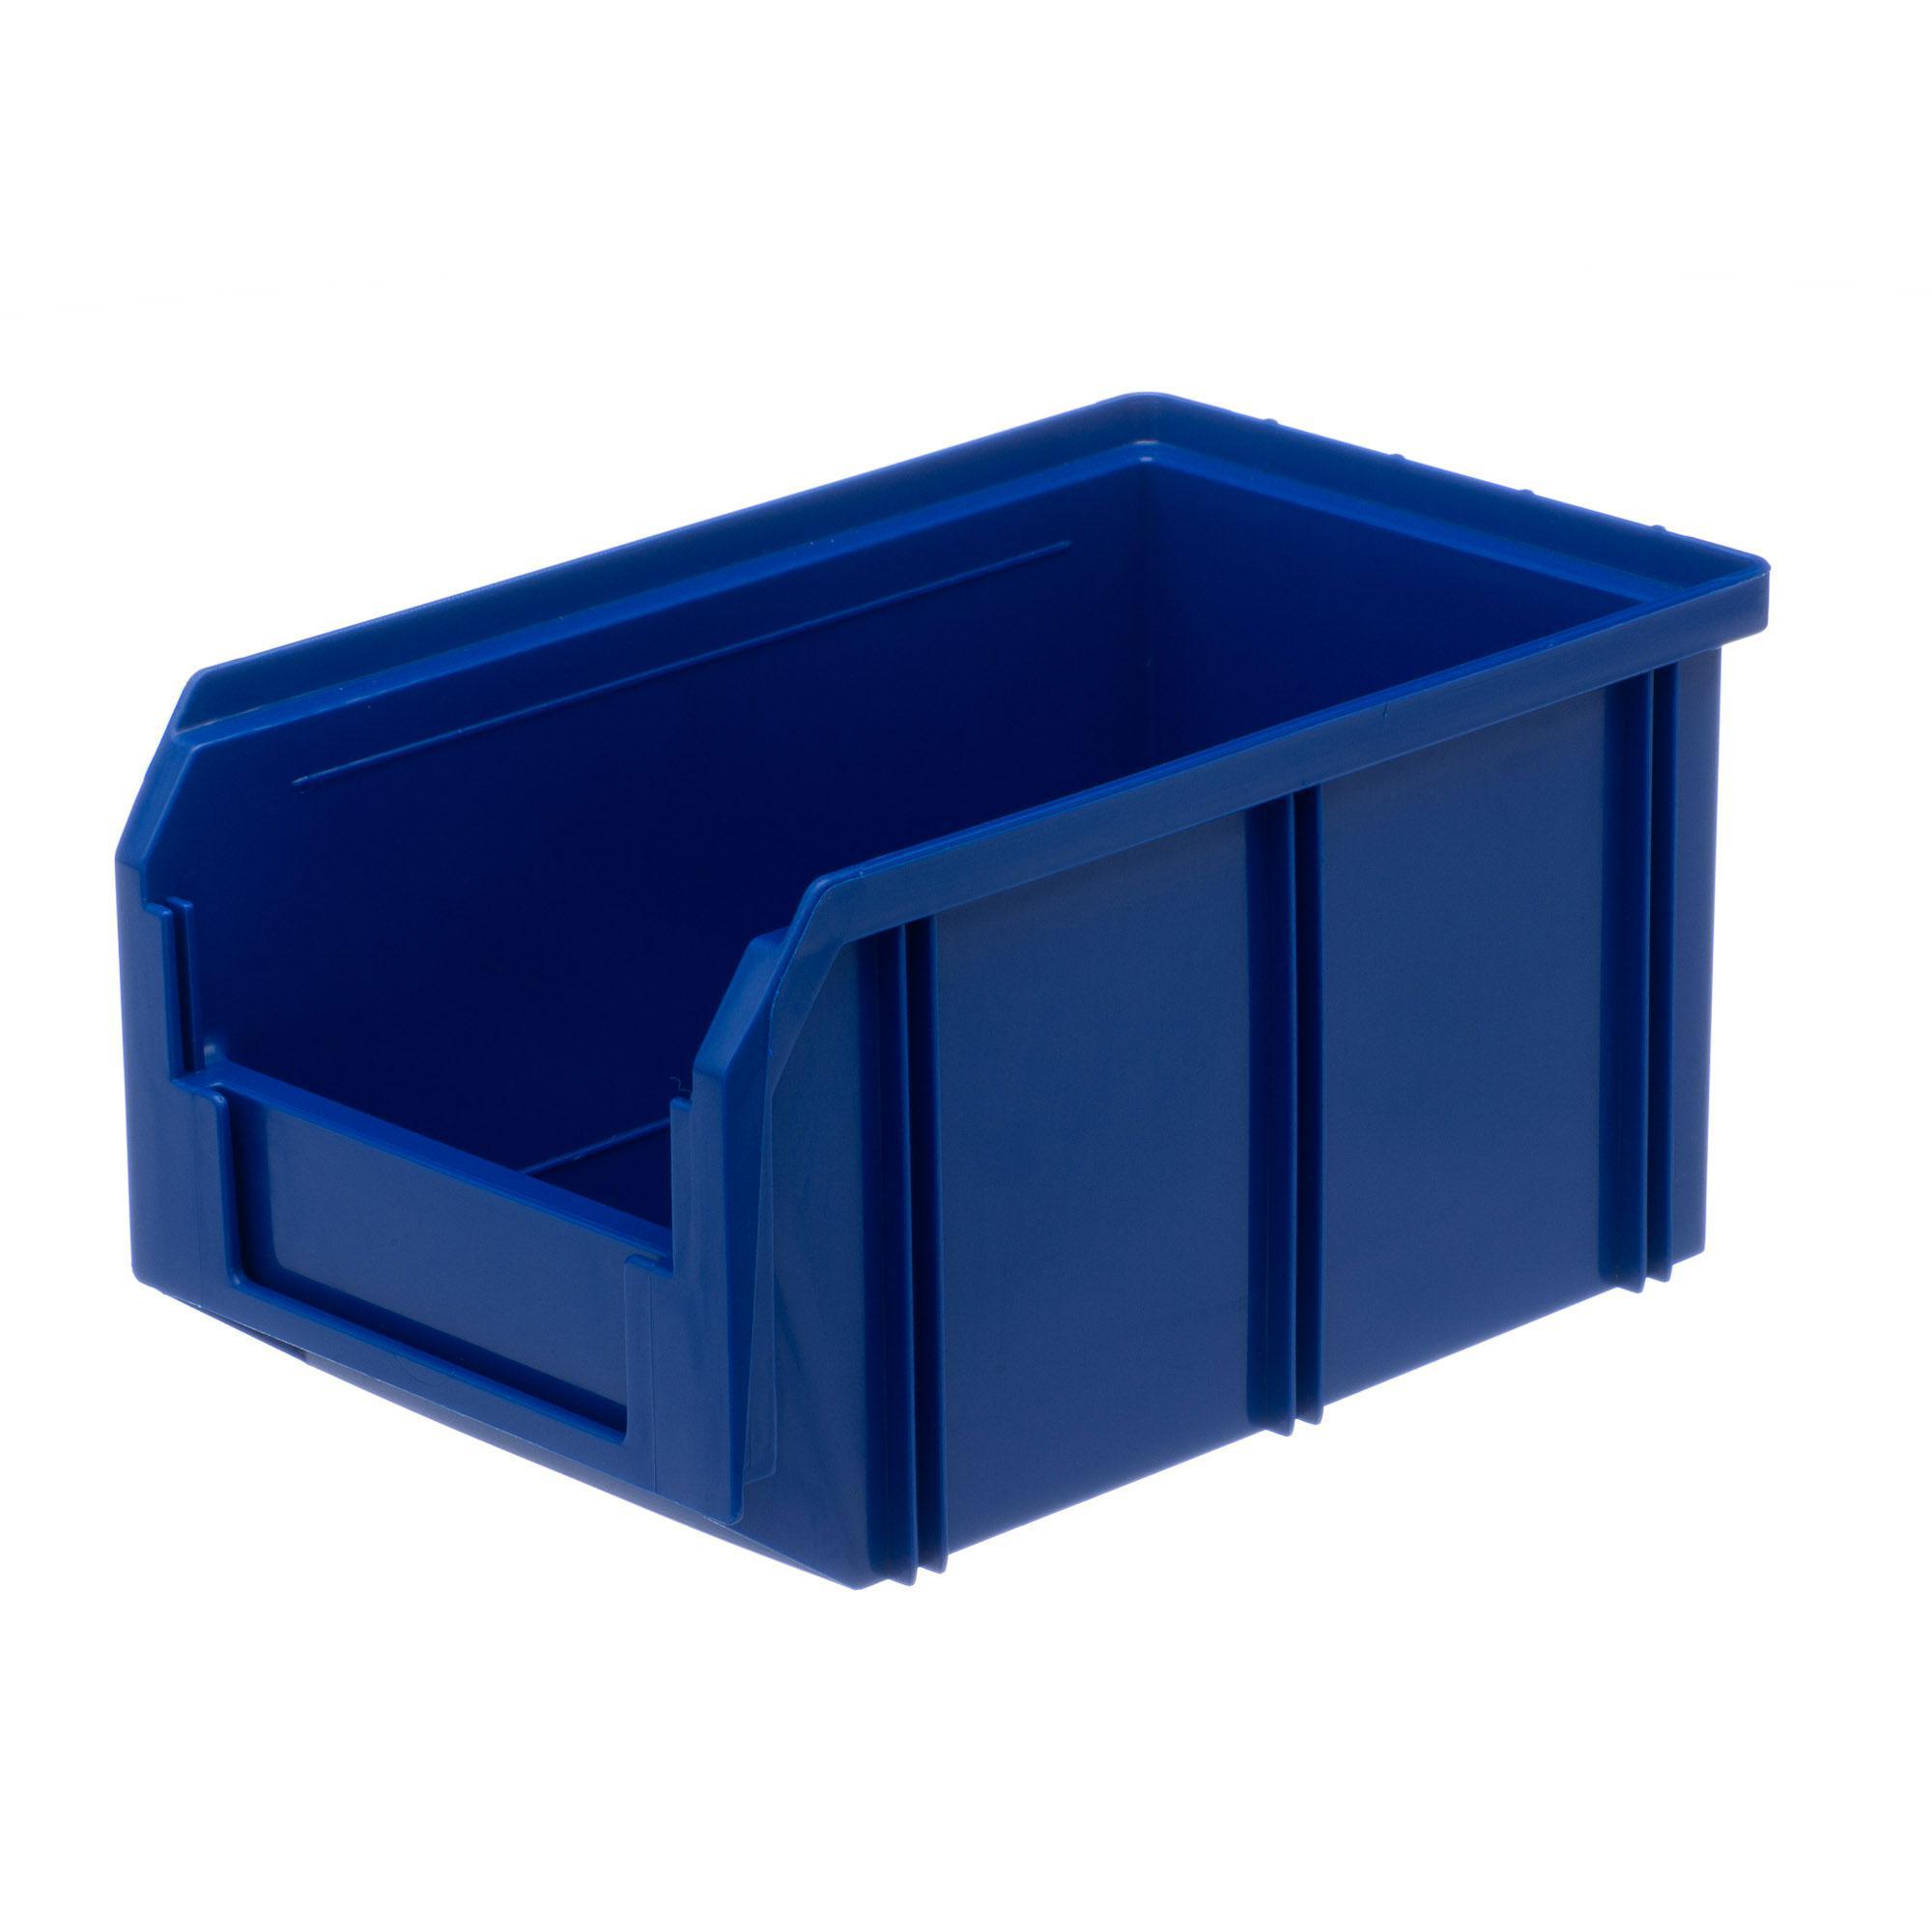 Ящик СТЕЛЛА V-2 синий стойка стелла с1 00 09 00 синий